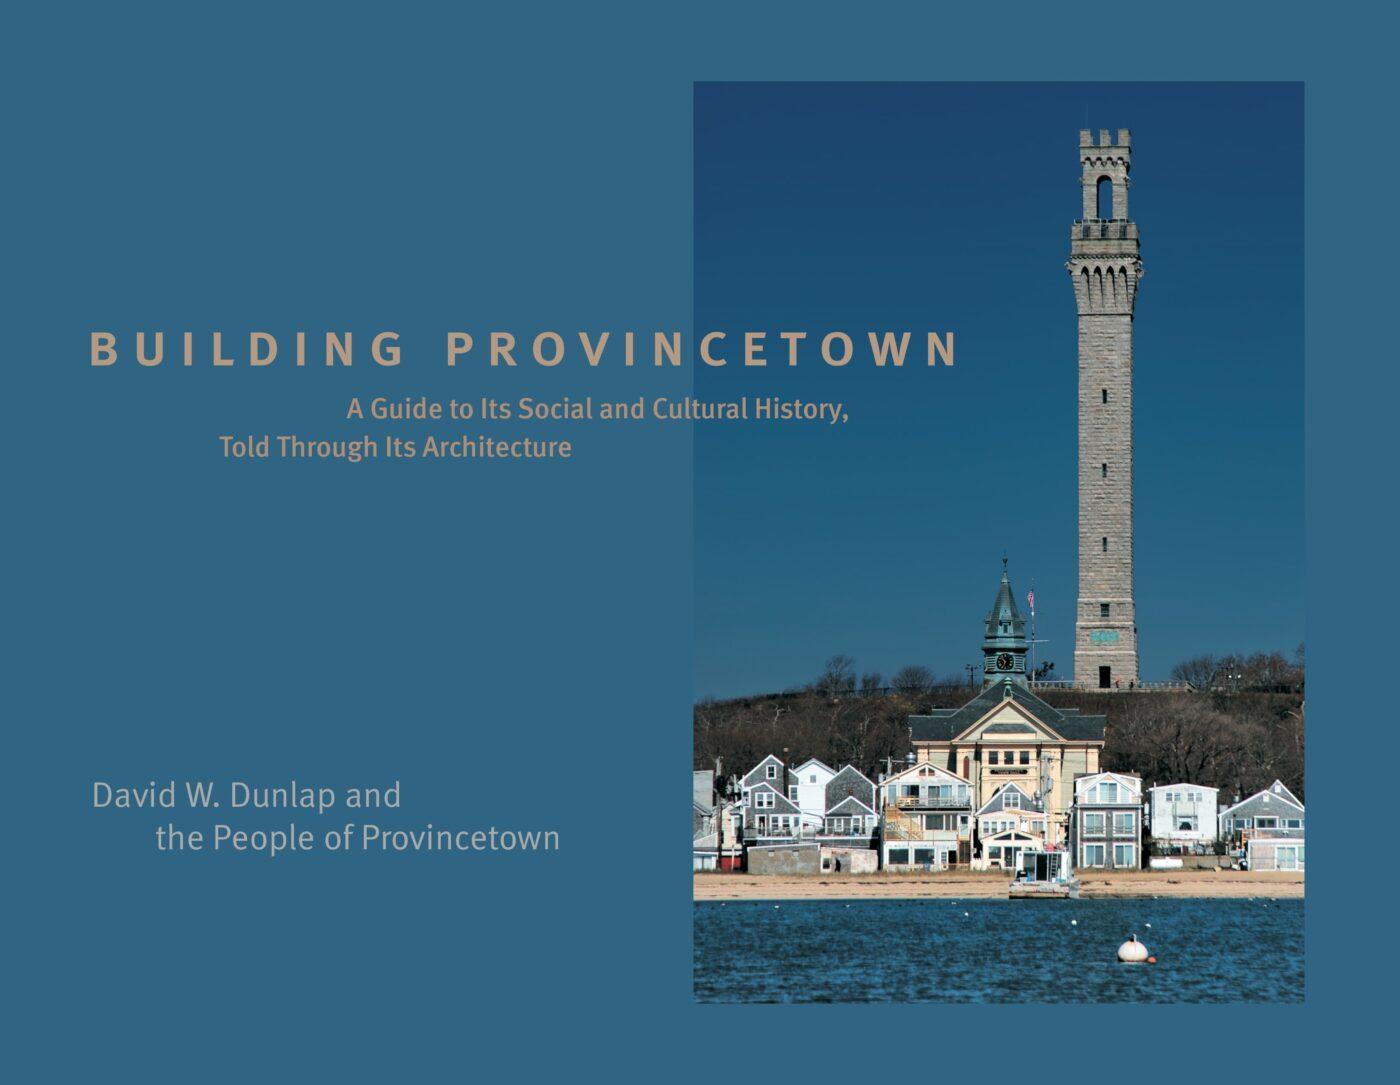 Building Provincetown